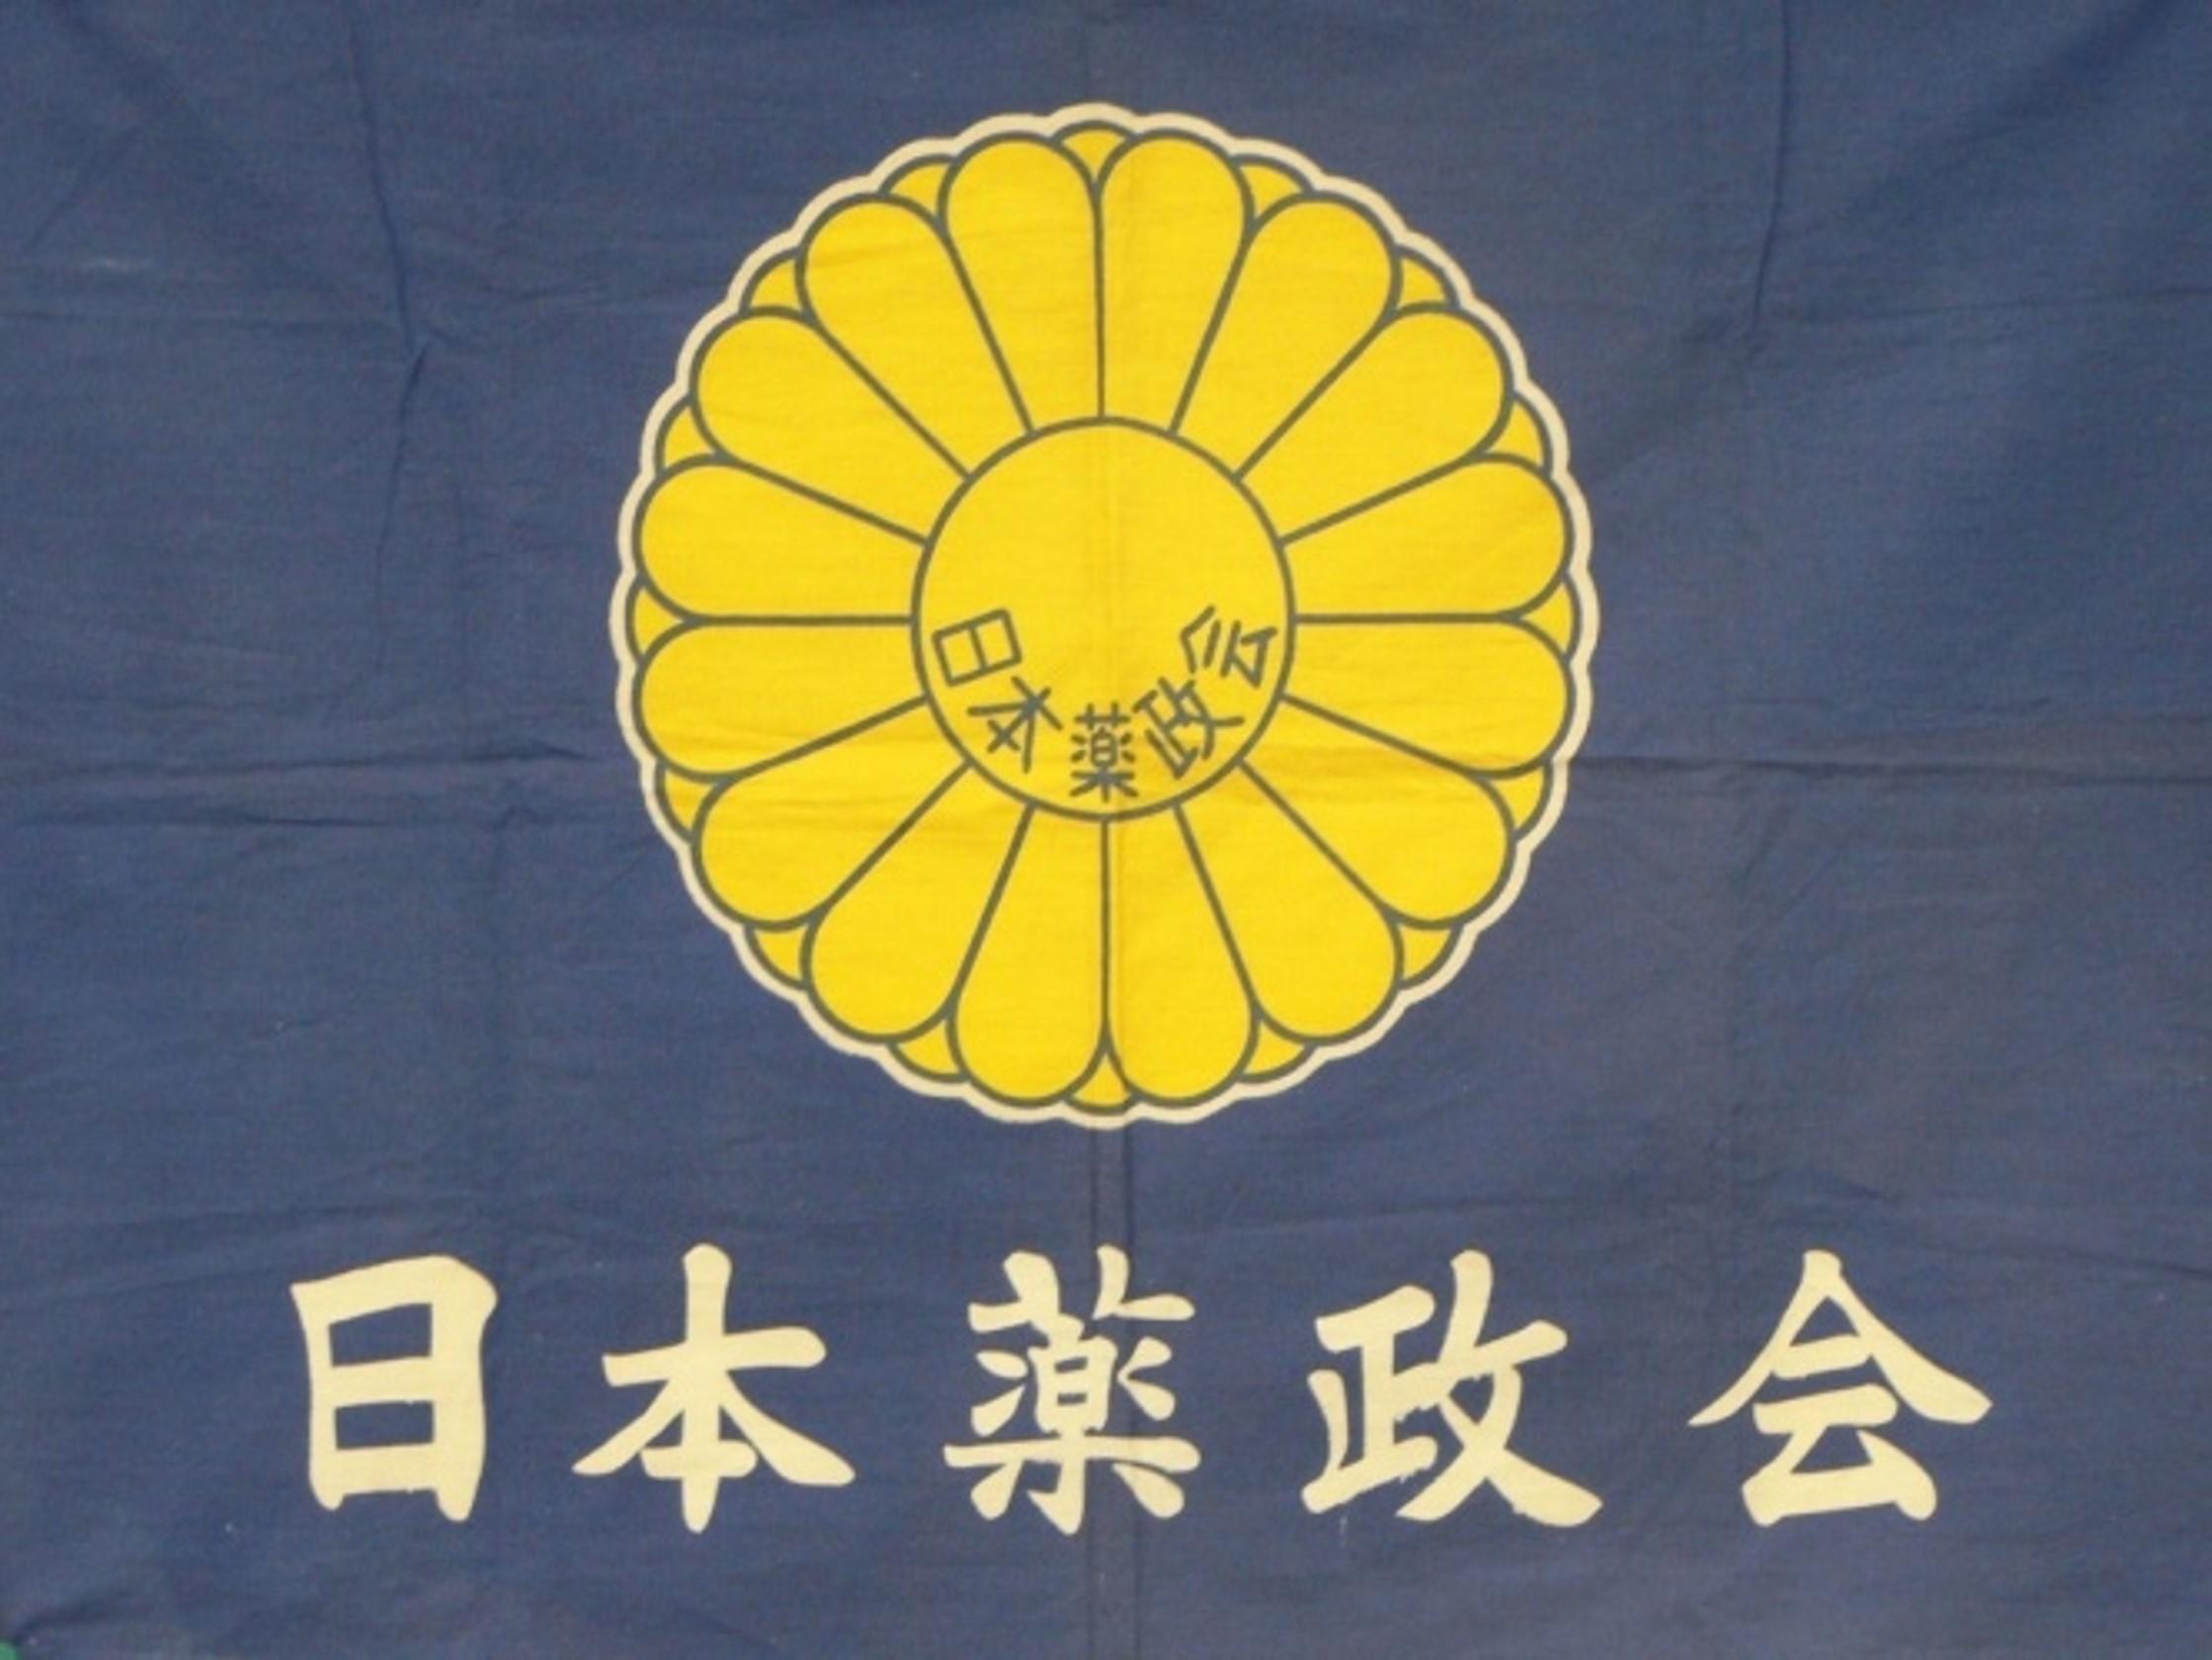 日本薬政会の旗